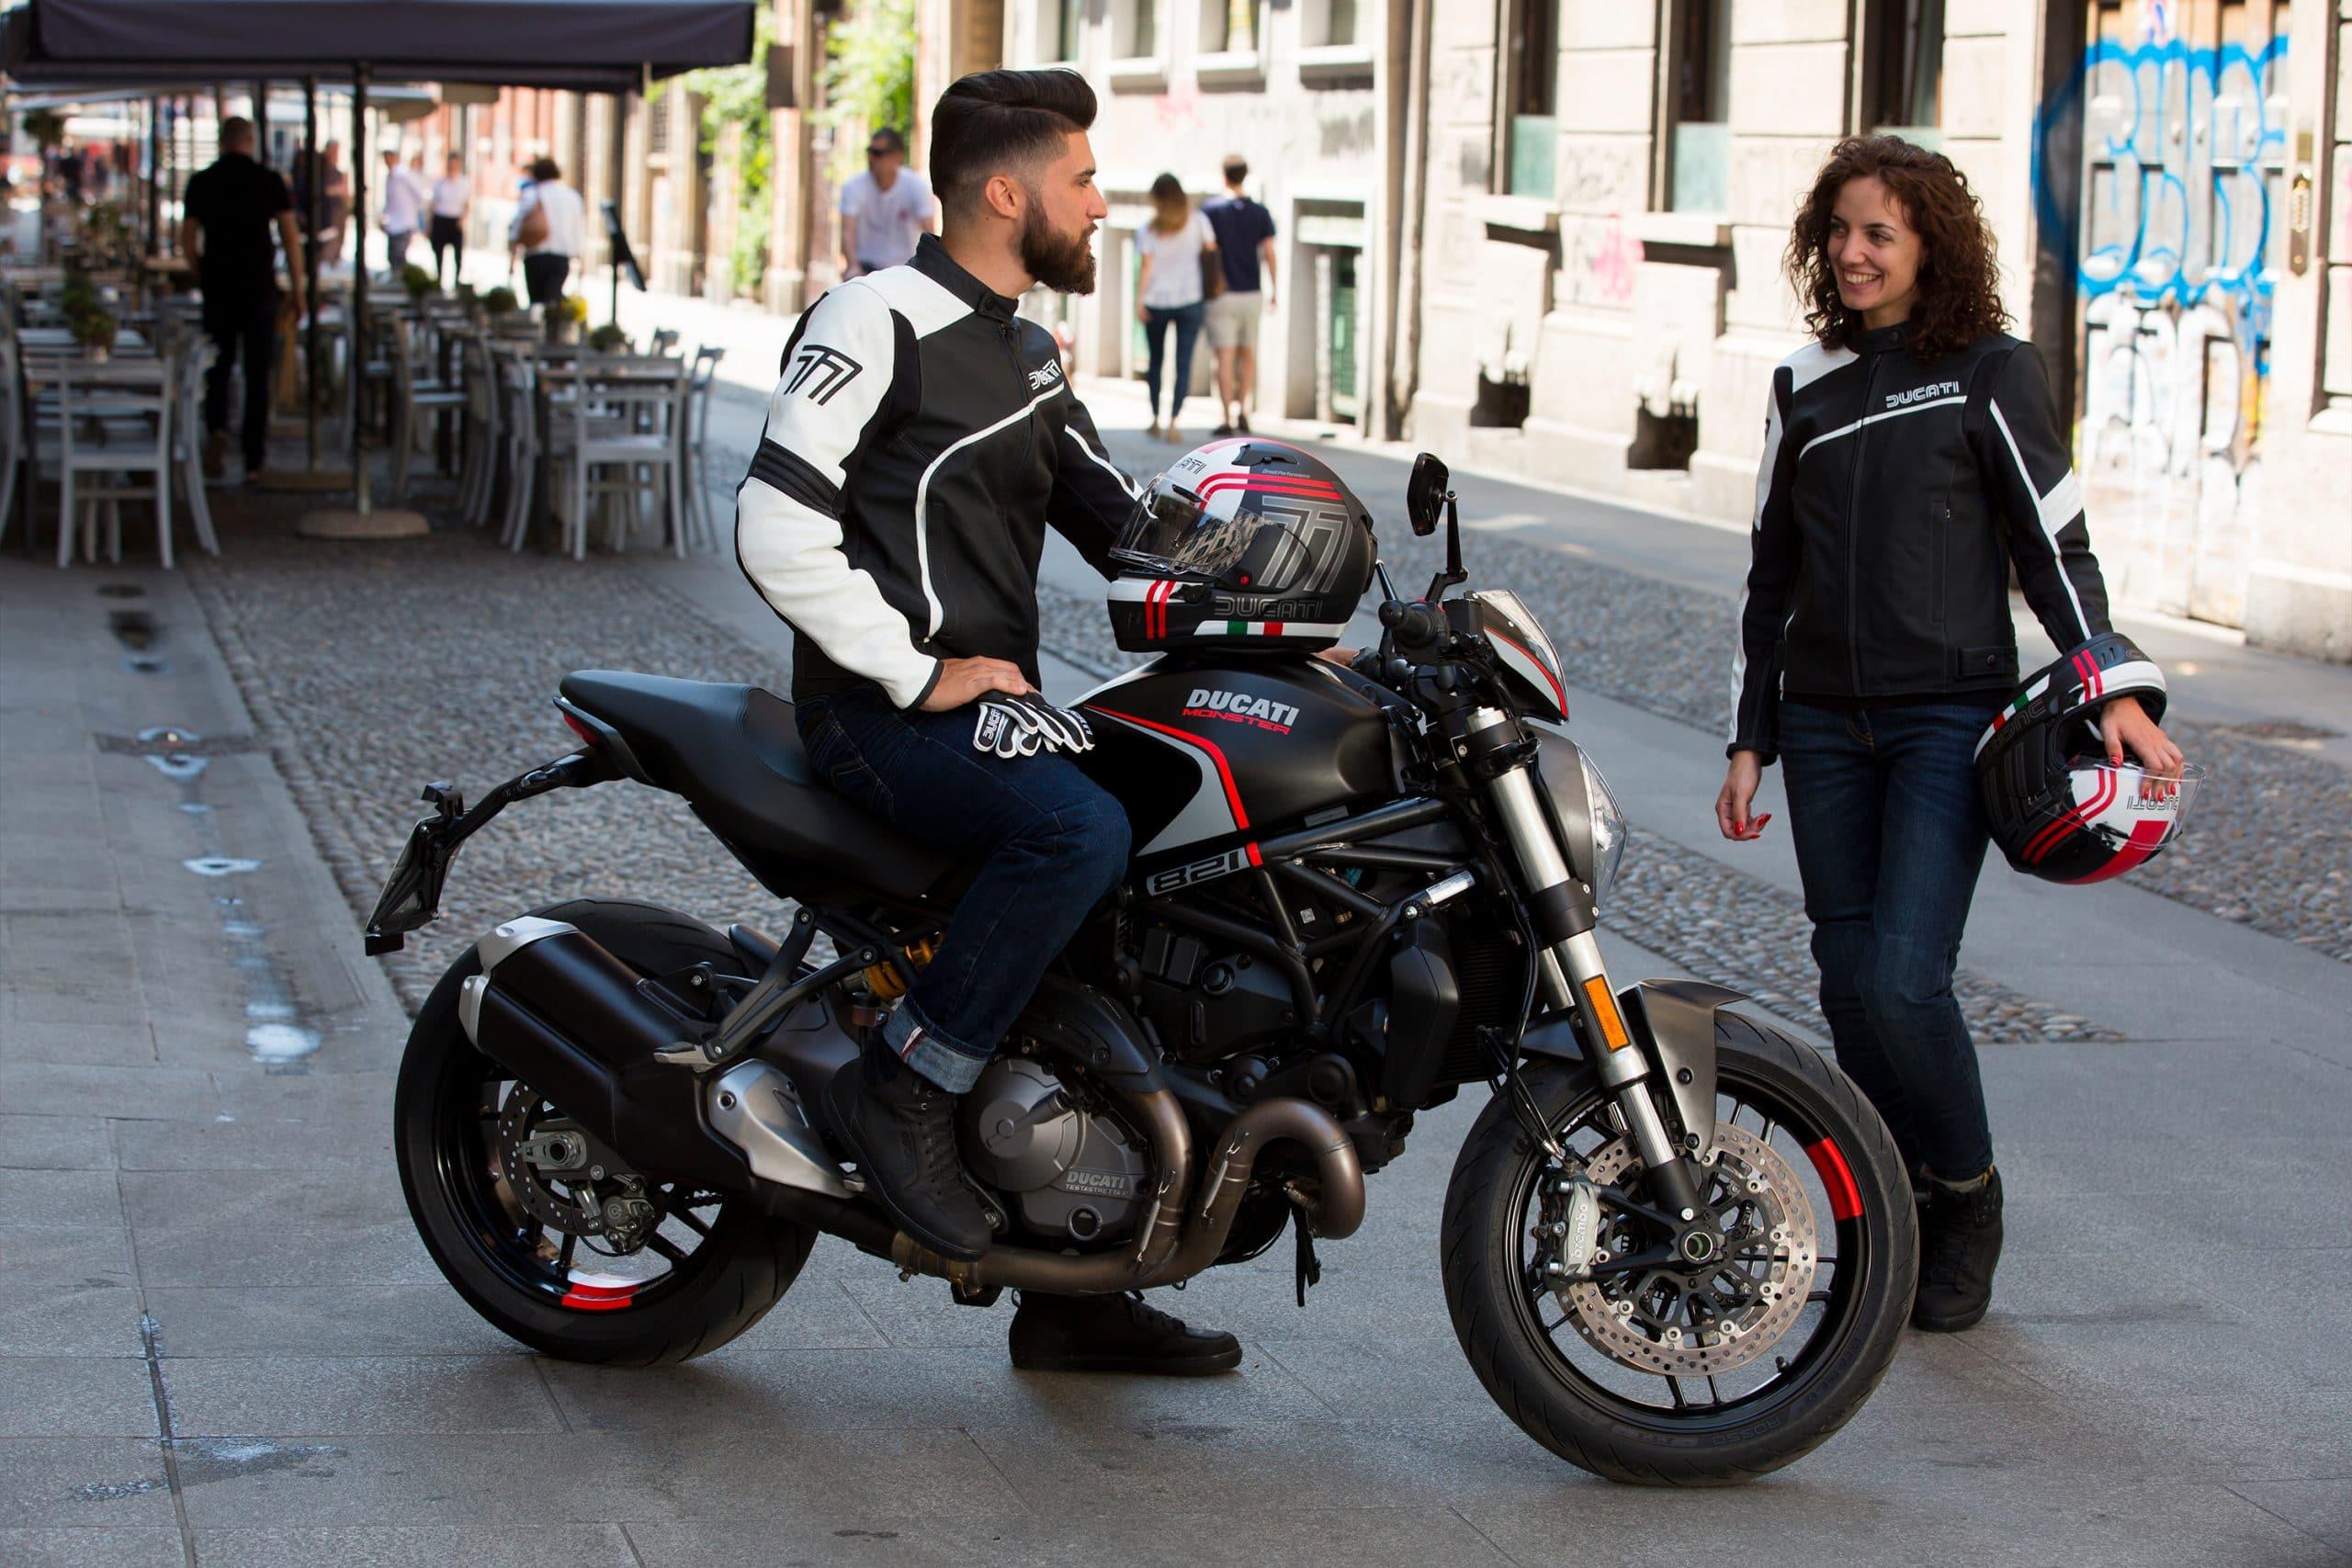 Ducati Apparel